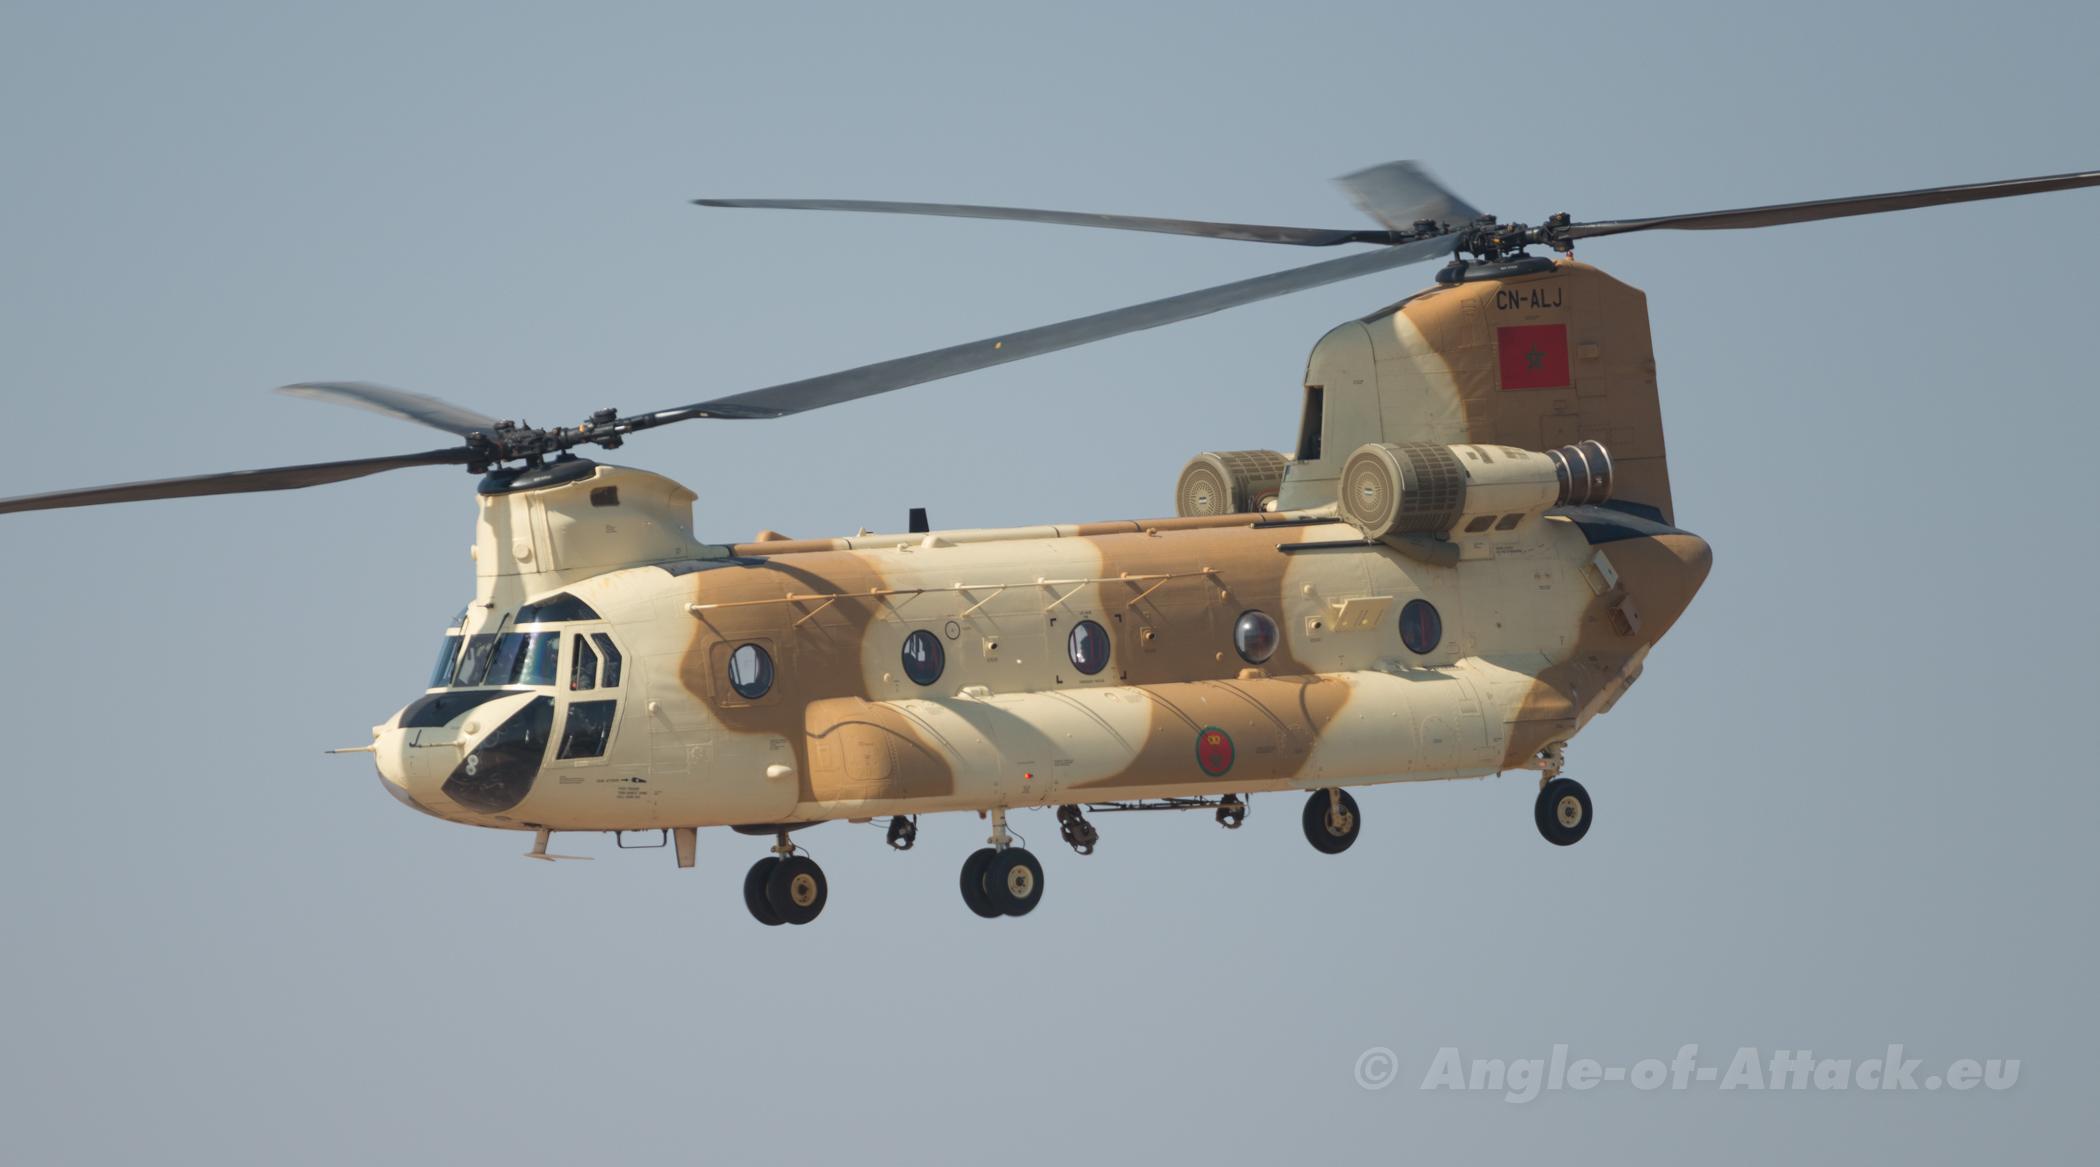 القوات الجوية الملكية المغربية - متجدد - - صفحة 3 26223033673_cfbaea39a8_o